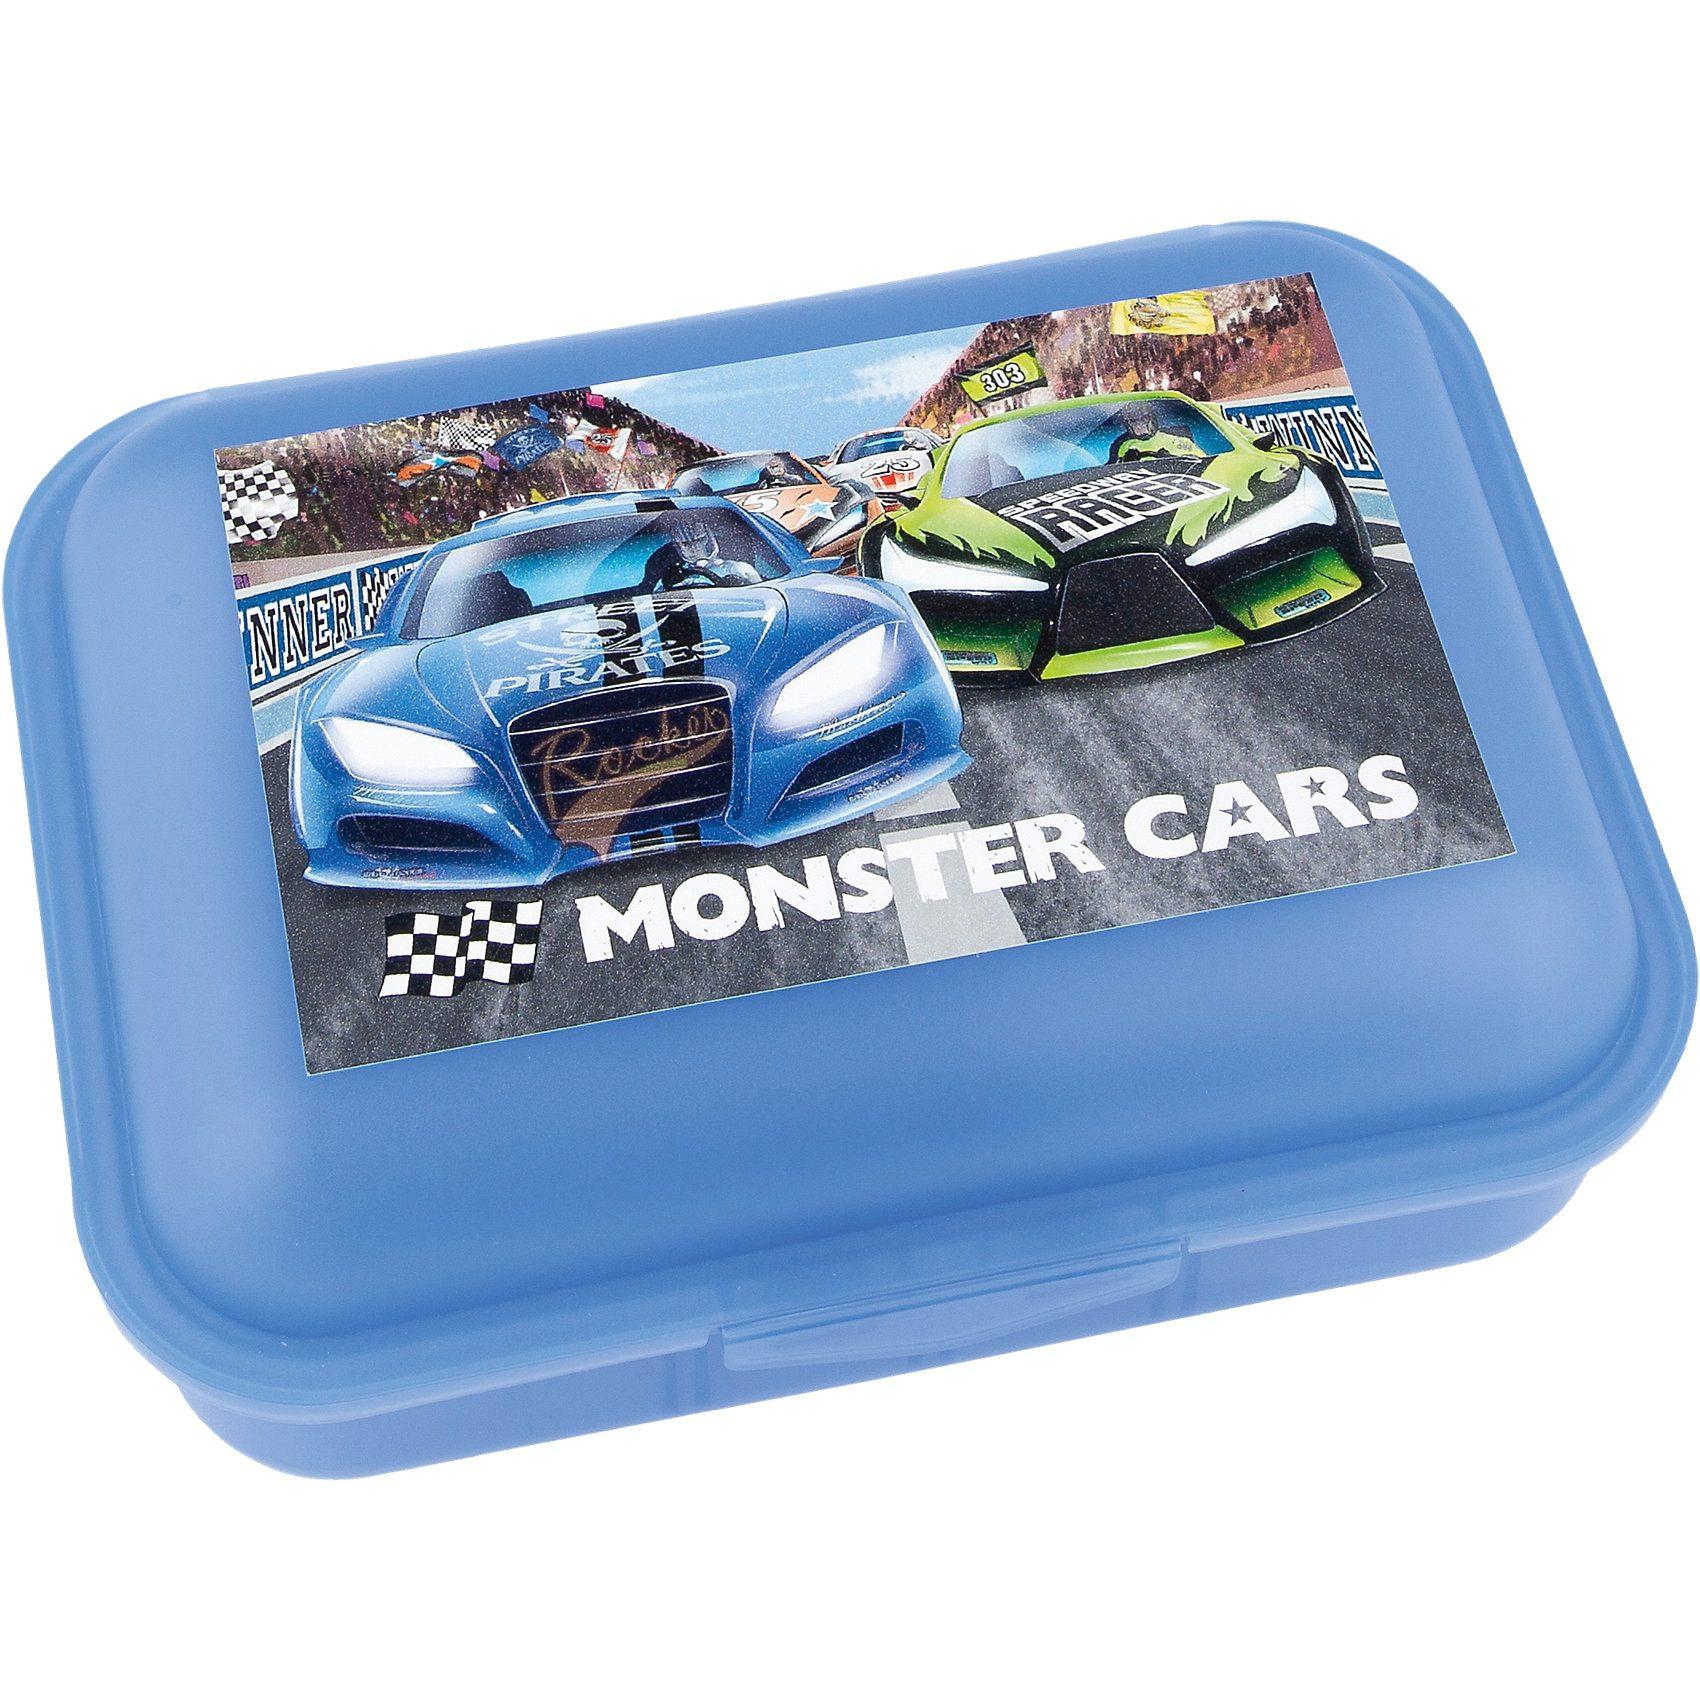 Depesche Brotdose Monster Cars, sortiert